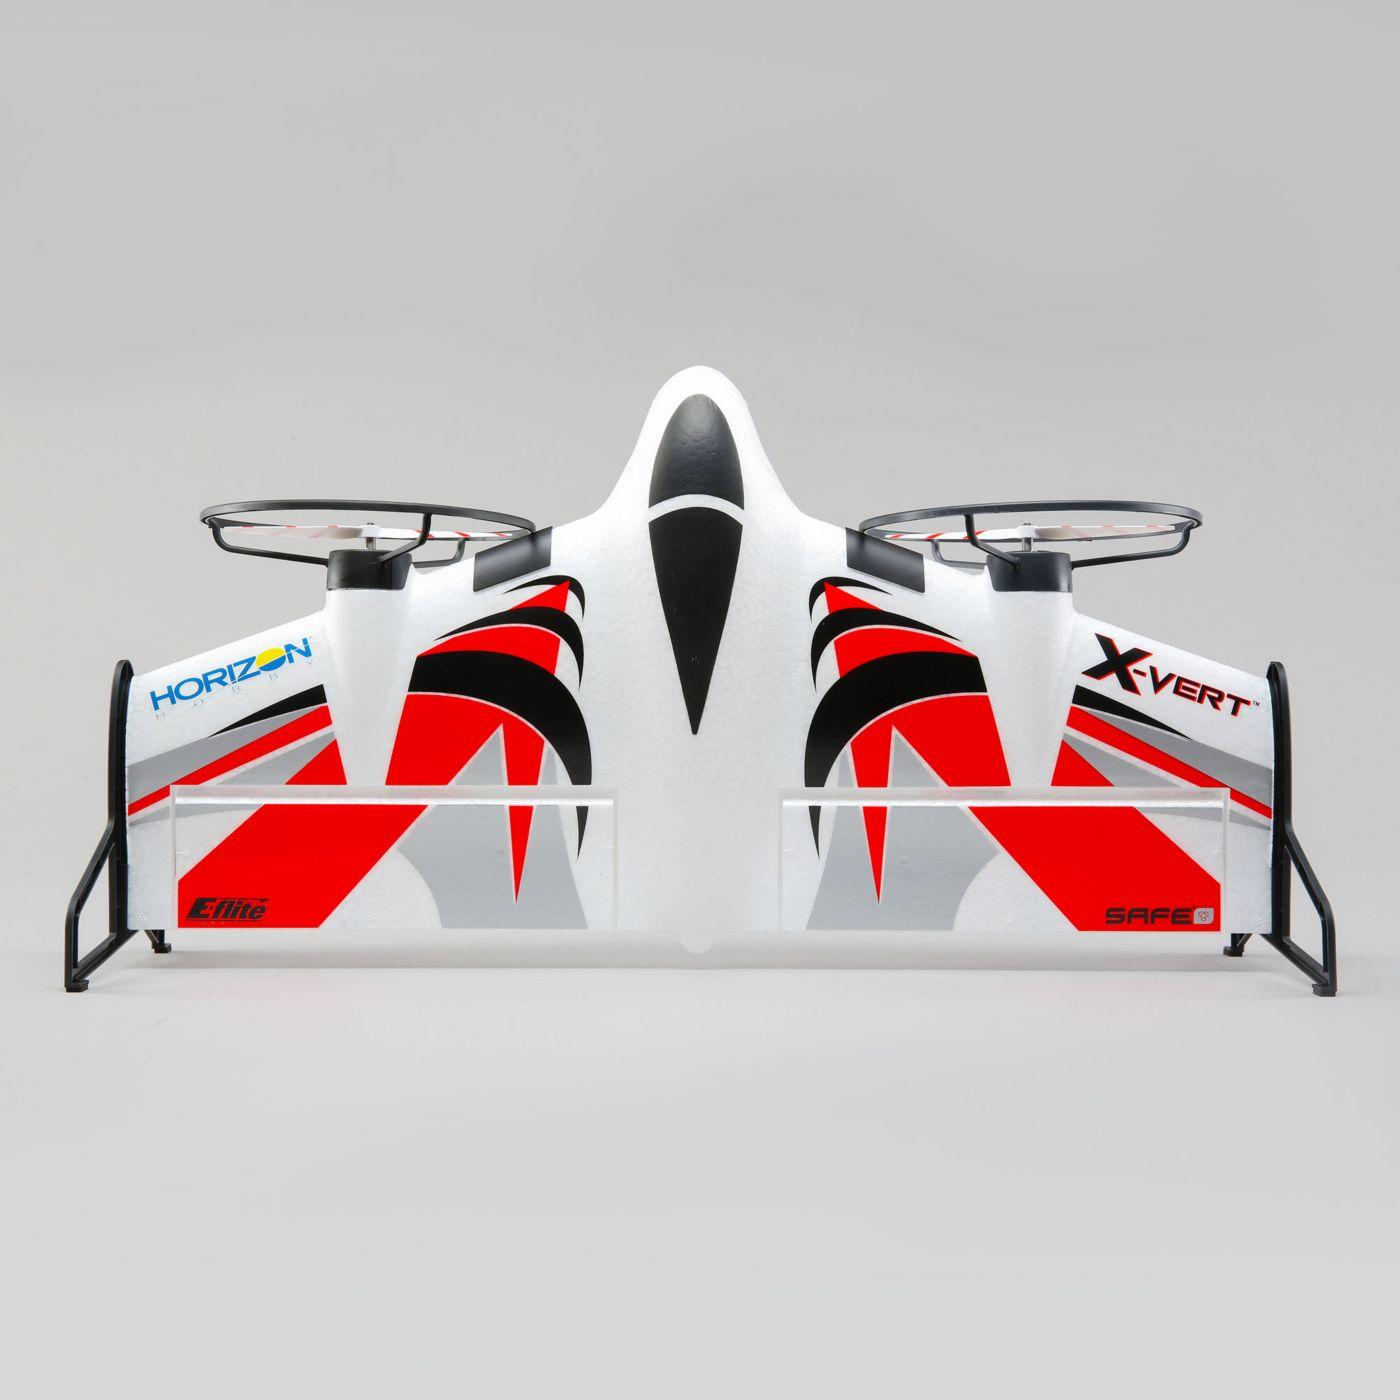 E flite X-Vert VTOL AS3X SAFE BNF 04